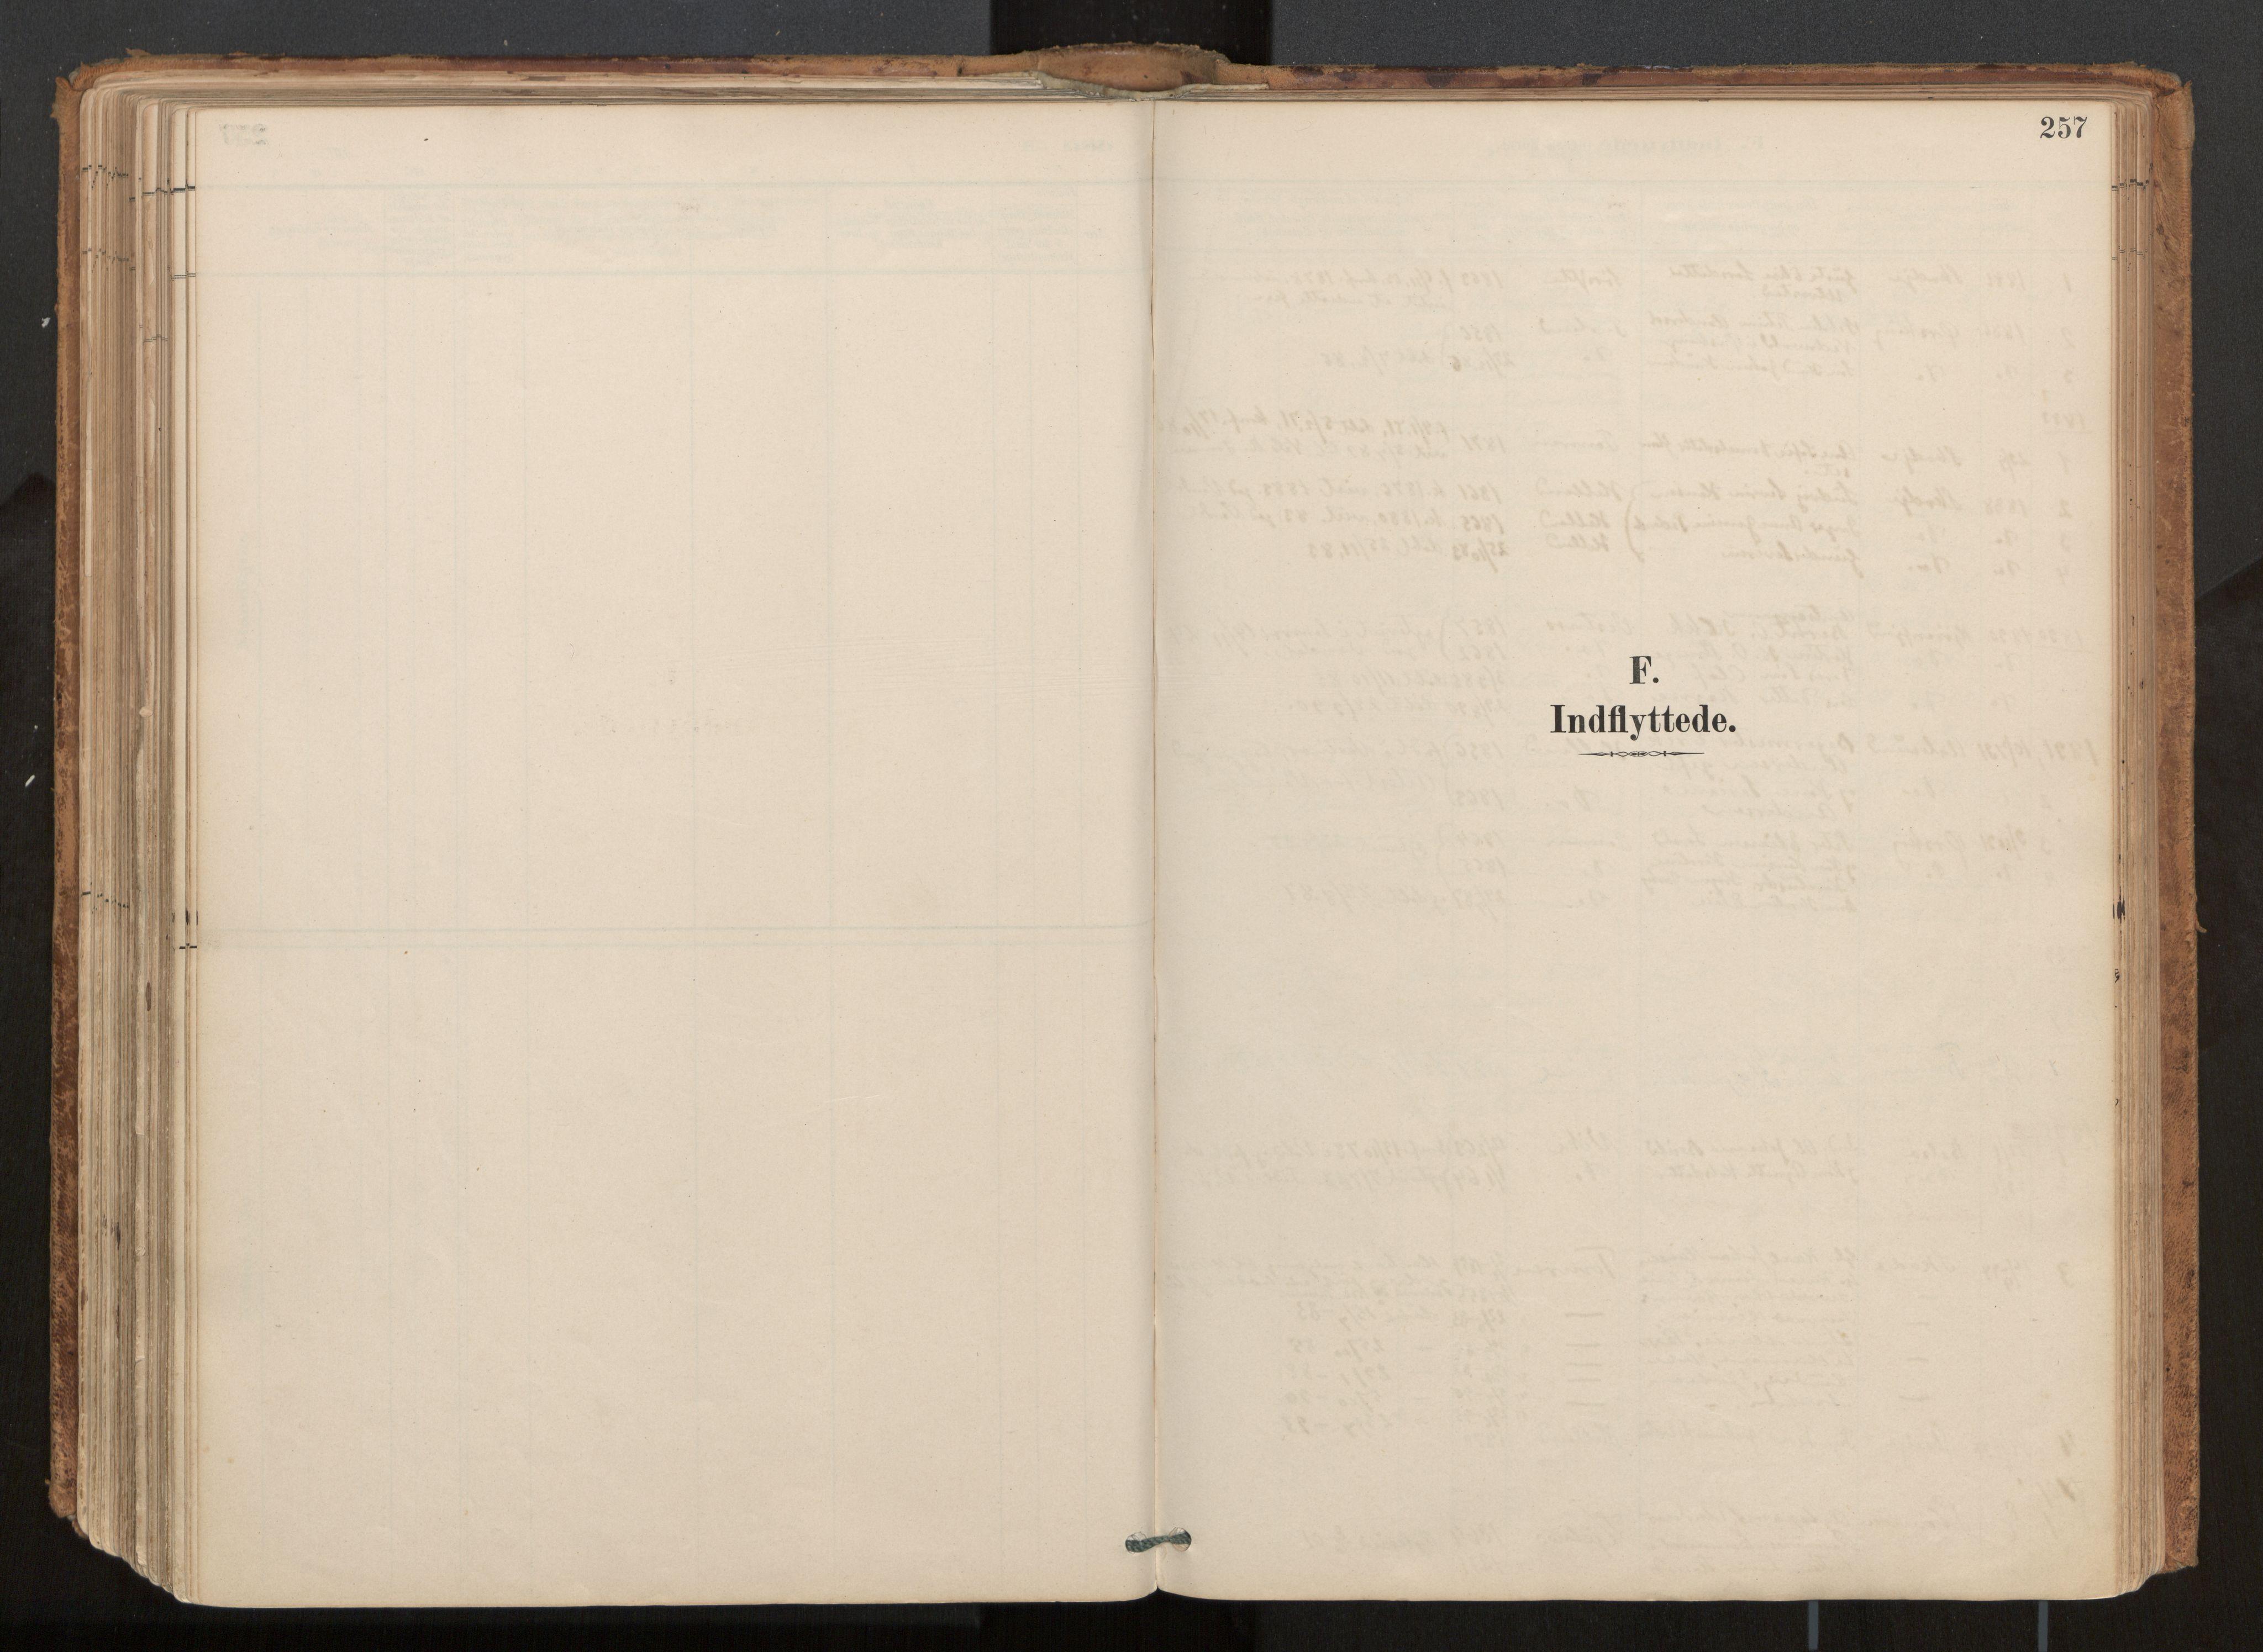 SAT, Ministerialprotokoller, klokkerbøker og fødselsregistre - Møre og Romsdal, 539/L0531: Ministerialbok nr. 539A04, 1887-1913, s. 257